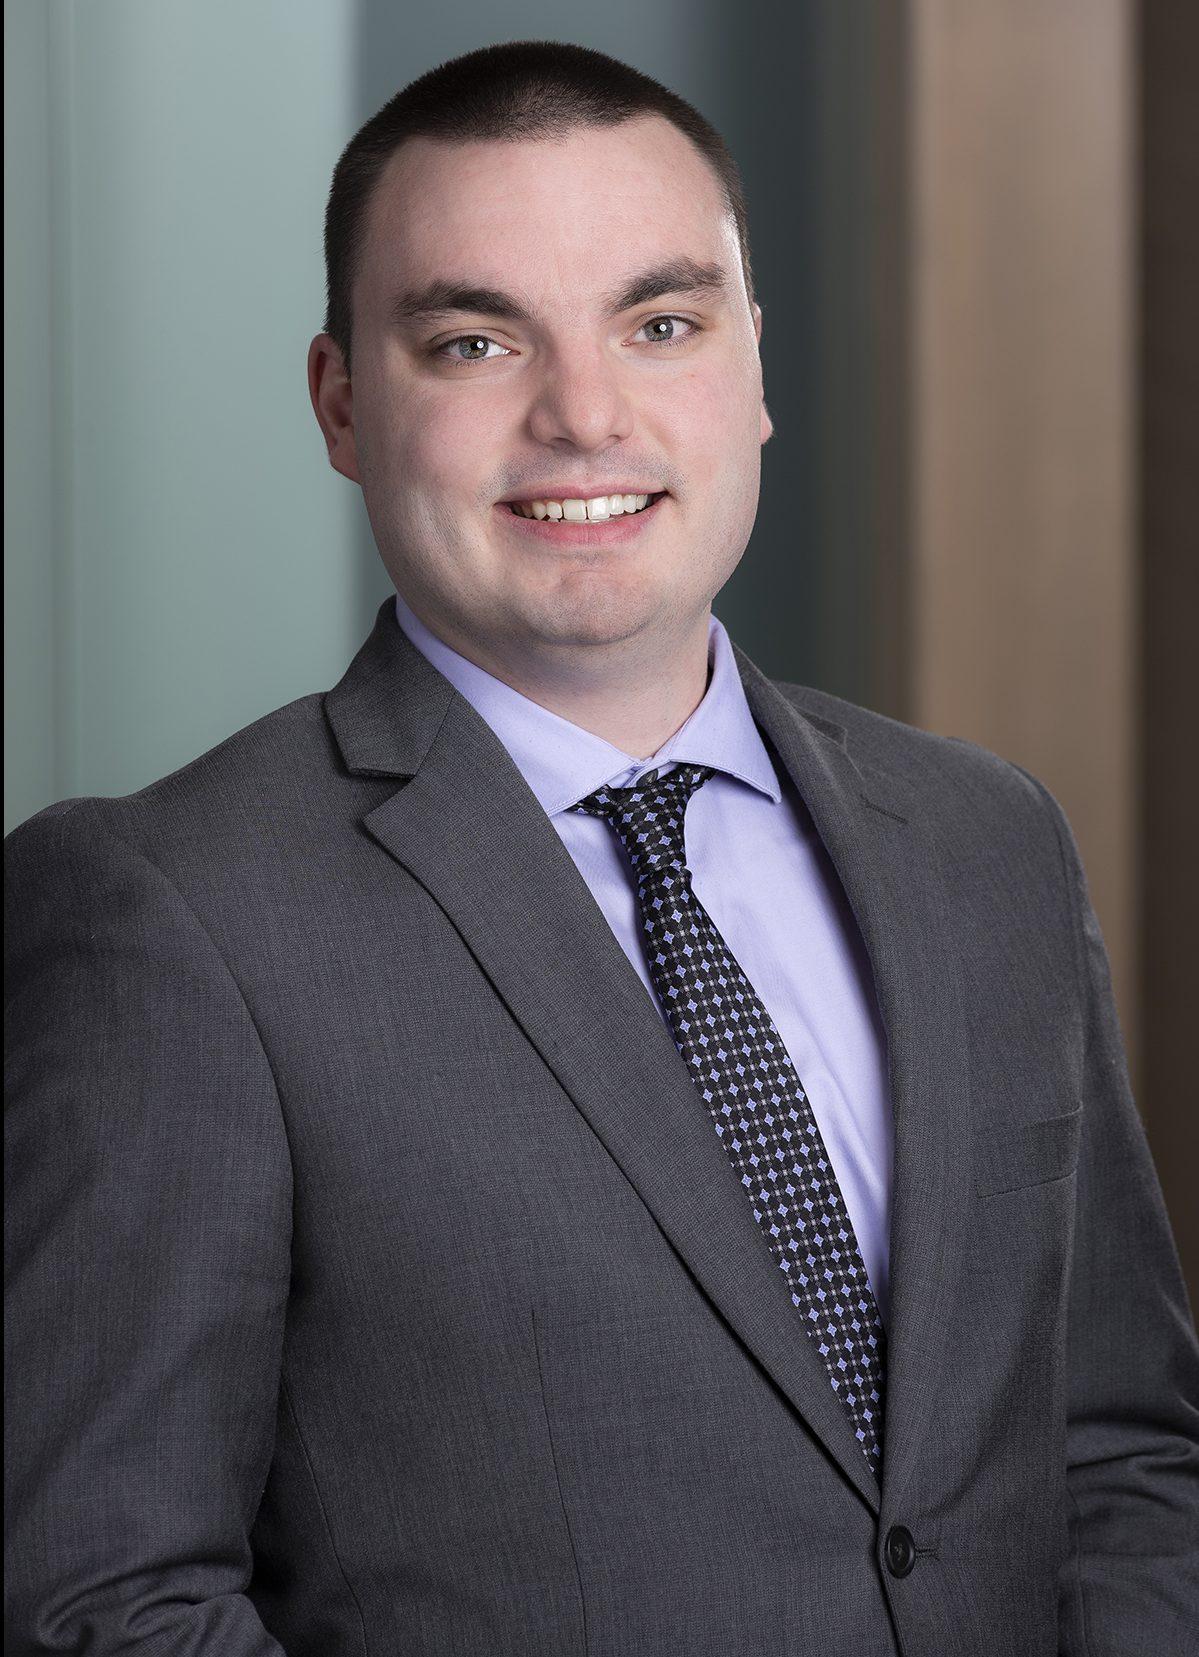 Tyler J. Boschert